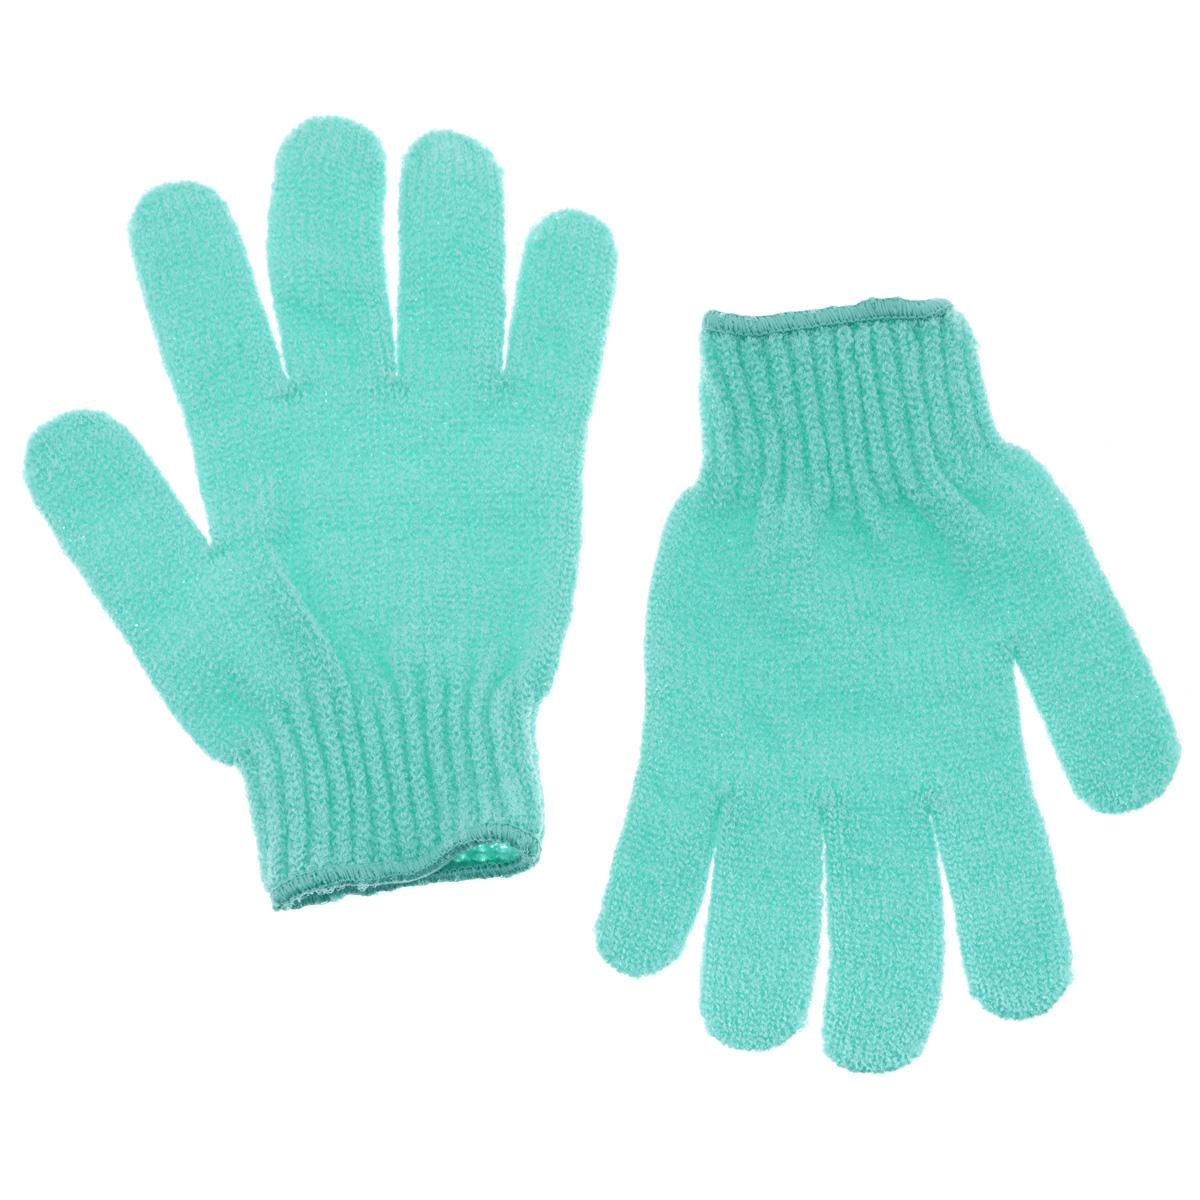 Riffi Перчатки для пилинга, цвет: светло-зеленый5010777139655Эластичные безразмерные перчатки Riffi обладают активным антицеллюлитным эффектом и отличным пилинговым действием, тонизируя, массируя и эффективно очищая вашу кожу. Riffi освобождает кожу от отмерших клеток, стимулирует регенерацию. Эффективно предупреждают образование целлюлита и обеспечивают омолаживающий эффект. Кожа становится гладкой, упругой и лучше готовой к принятию косметических средств. Интенсивный и пощипывающе свежий массаж тела с применением Riffi стимулирует кровообращение, активирует кровоснабжение, способствует обмену веществ. В комплекте 1 пара перчаток. Характеристики:Материал: 100% полиакрил. Размер перчатки (в нерастянутом виде): 17,5 см x 12,5 см. Артикул:615.